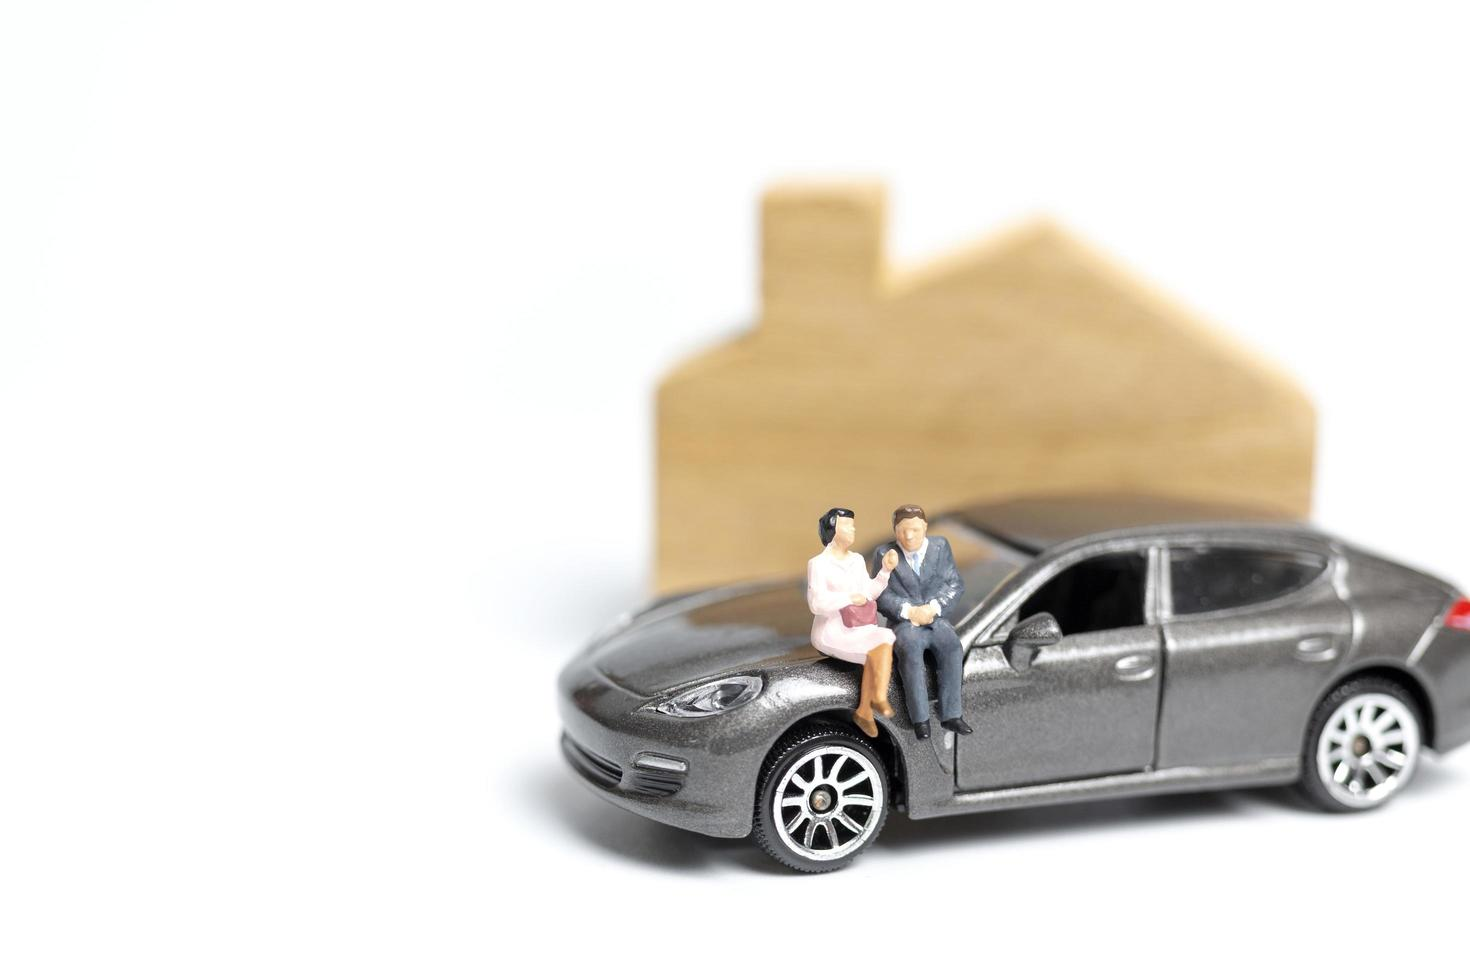 miniatuurmensen zittend op een auto op een witte achtergrond foto